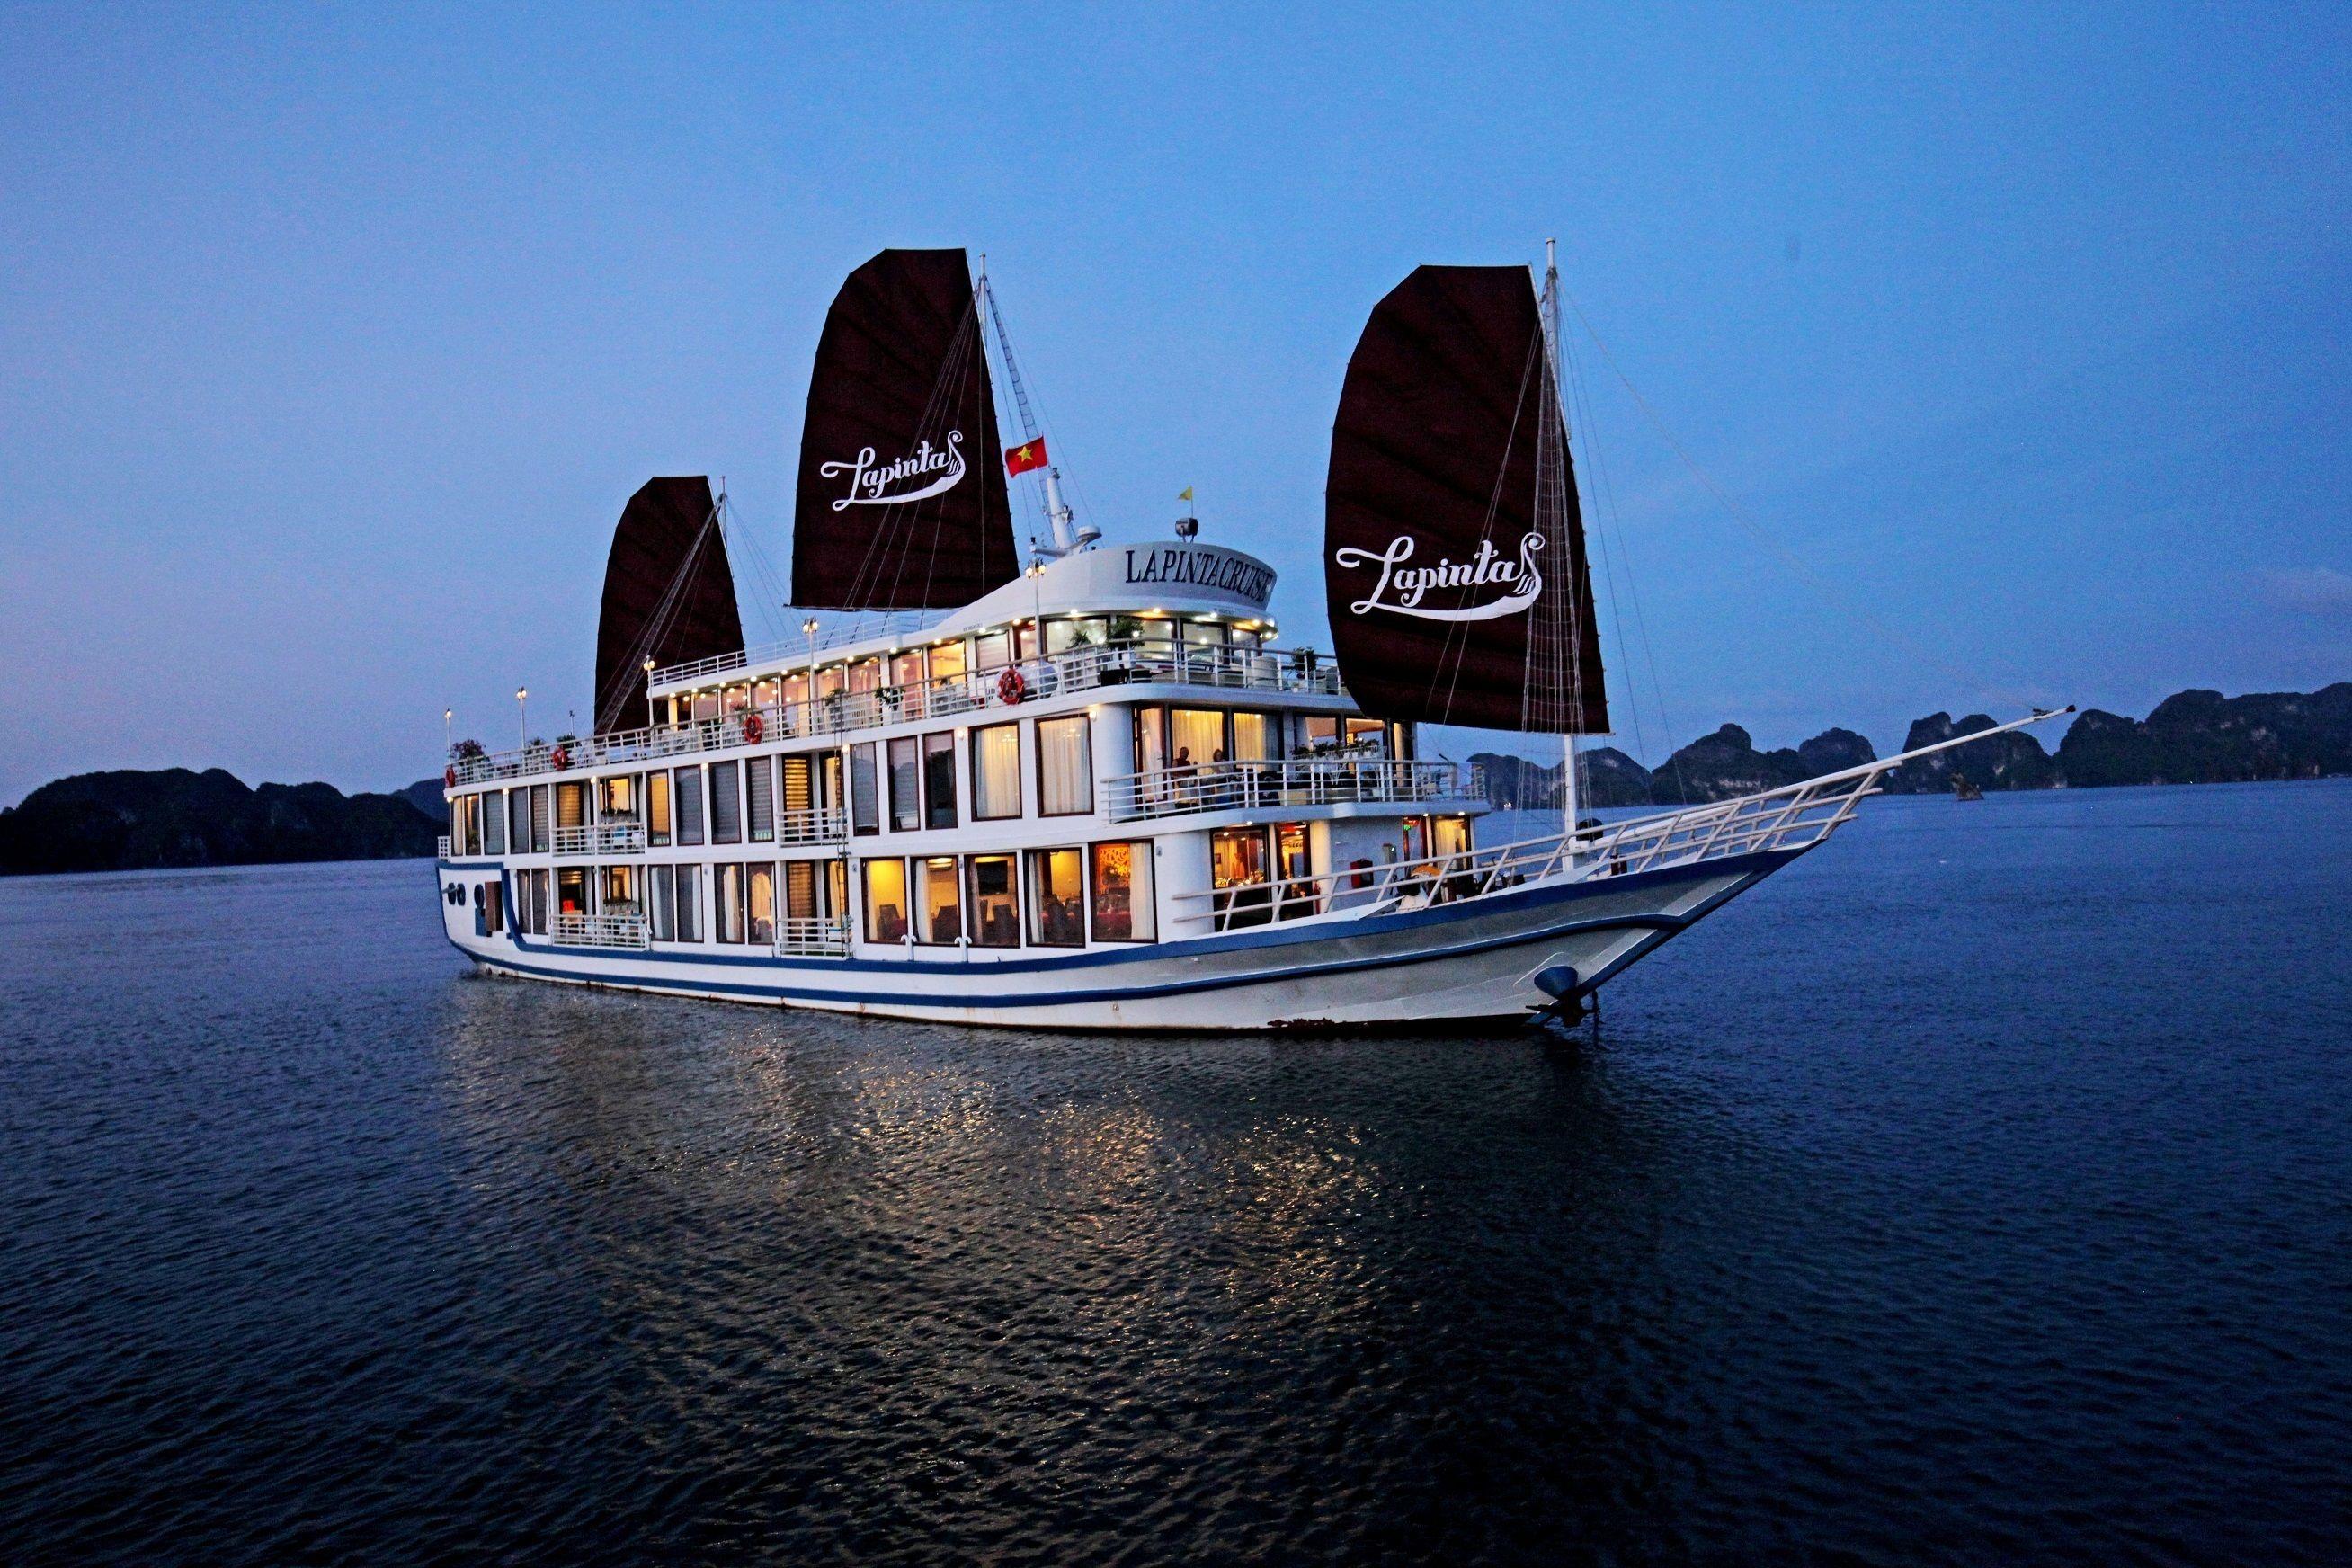 2 days - La Pinta Luxury Cruise, Halong Bay - Lan Ha Bay